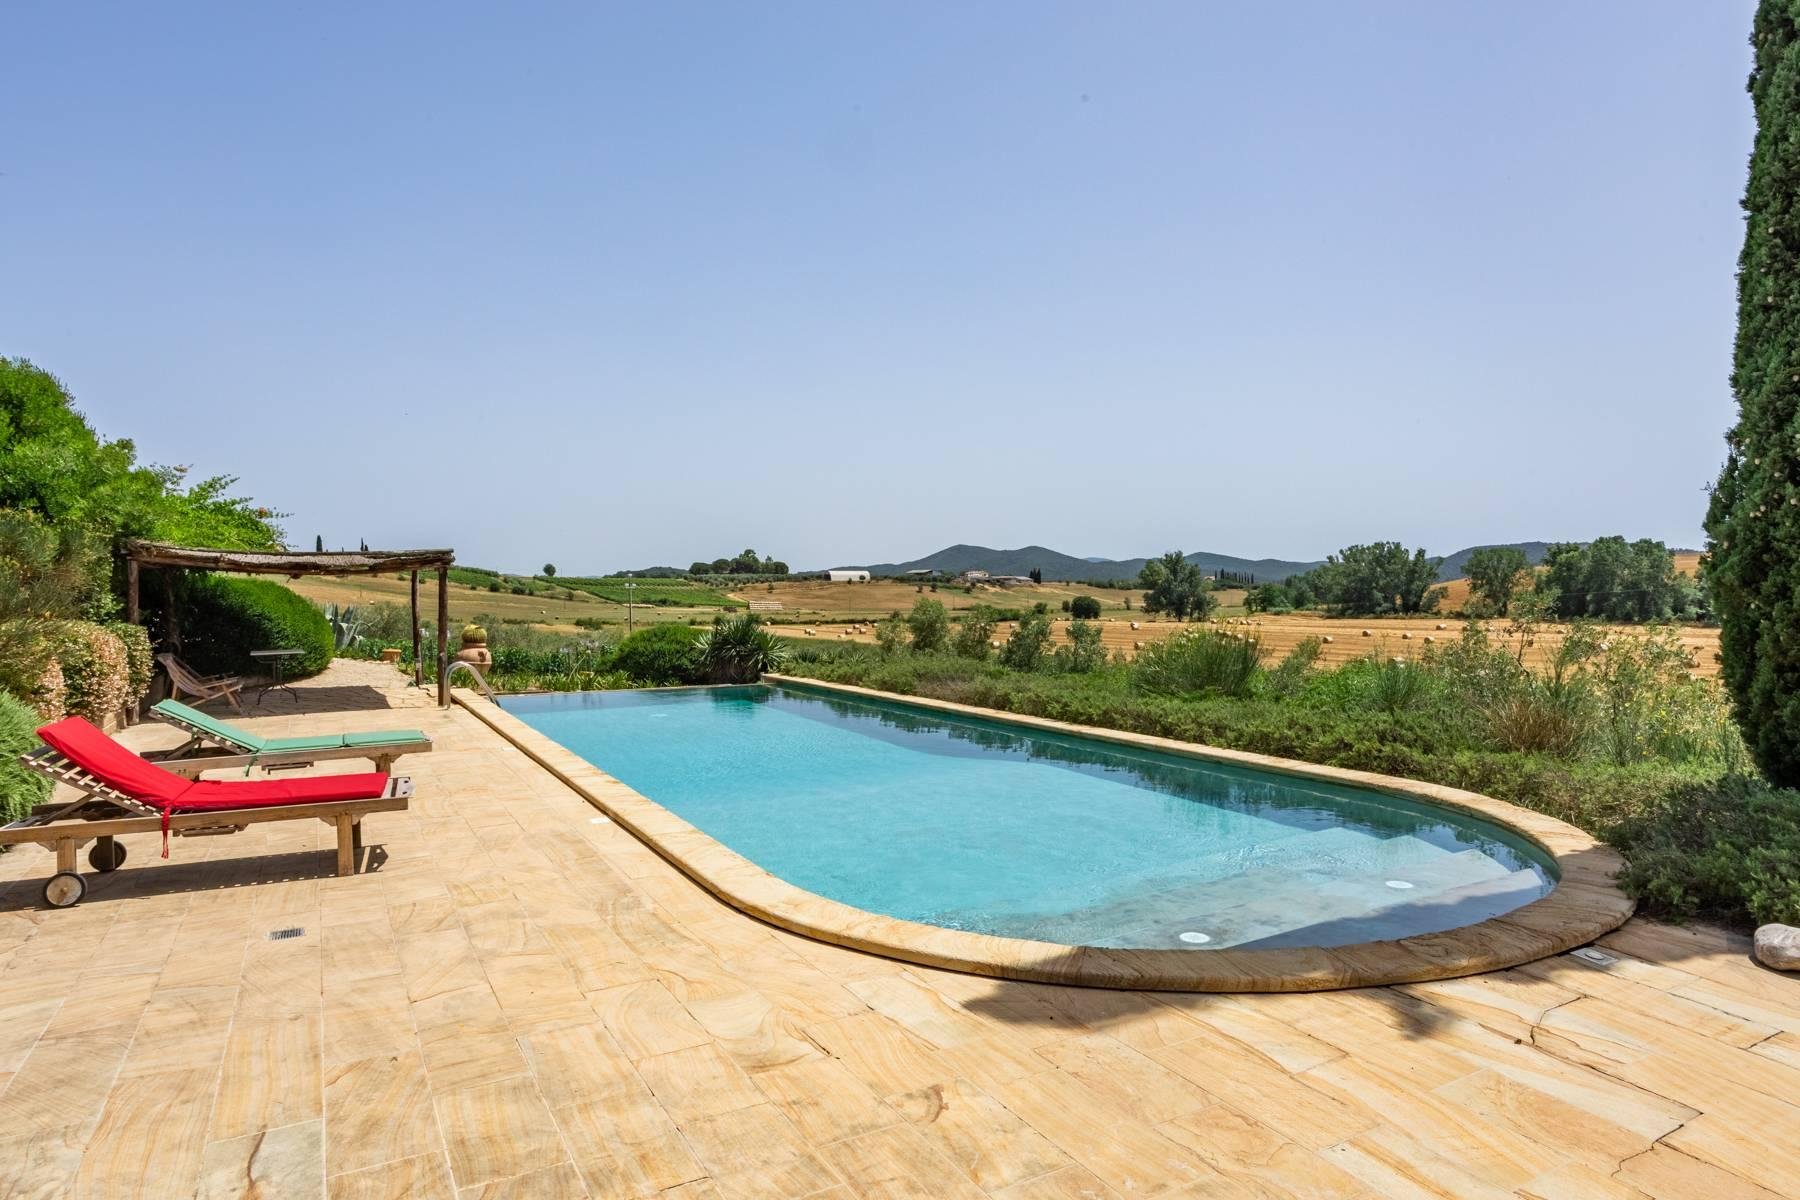 Spendida villa con piscina - 43